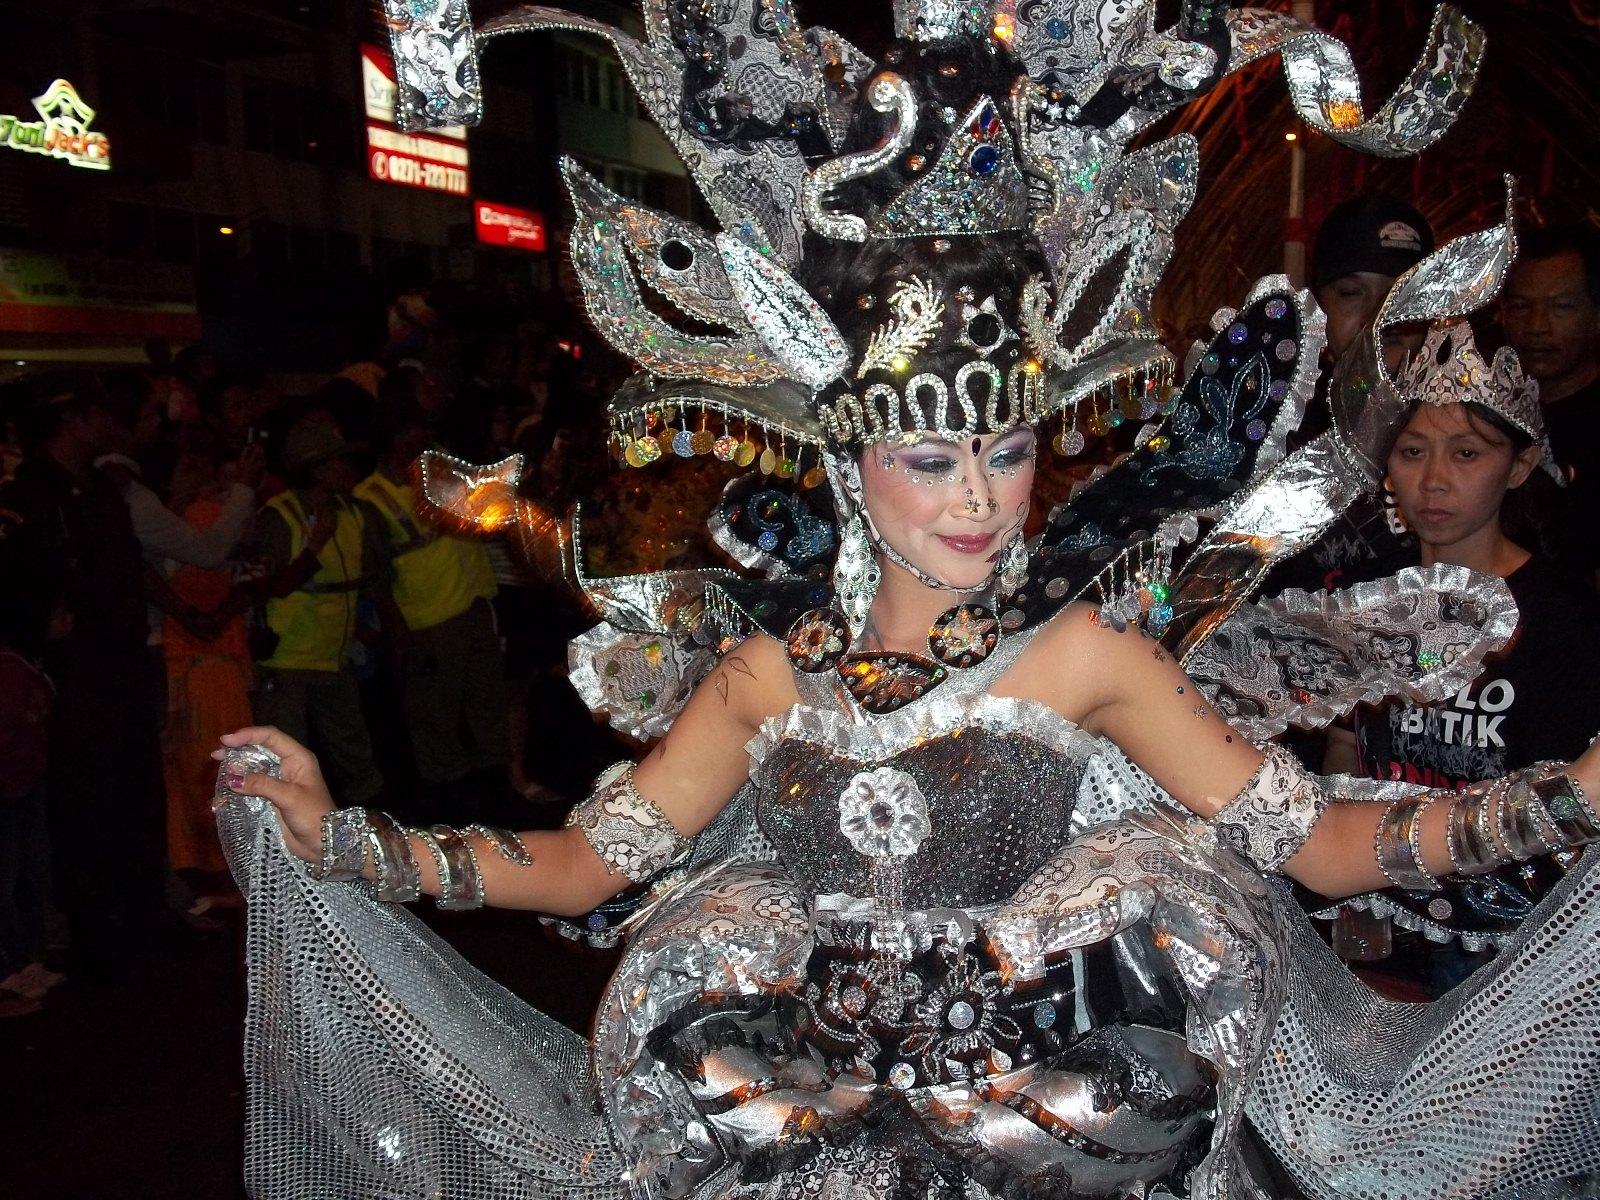 Kemeriahan Solo Batik Carnival 2011 - Dimas Suyatno